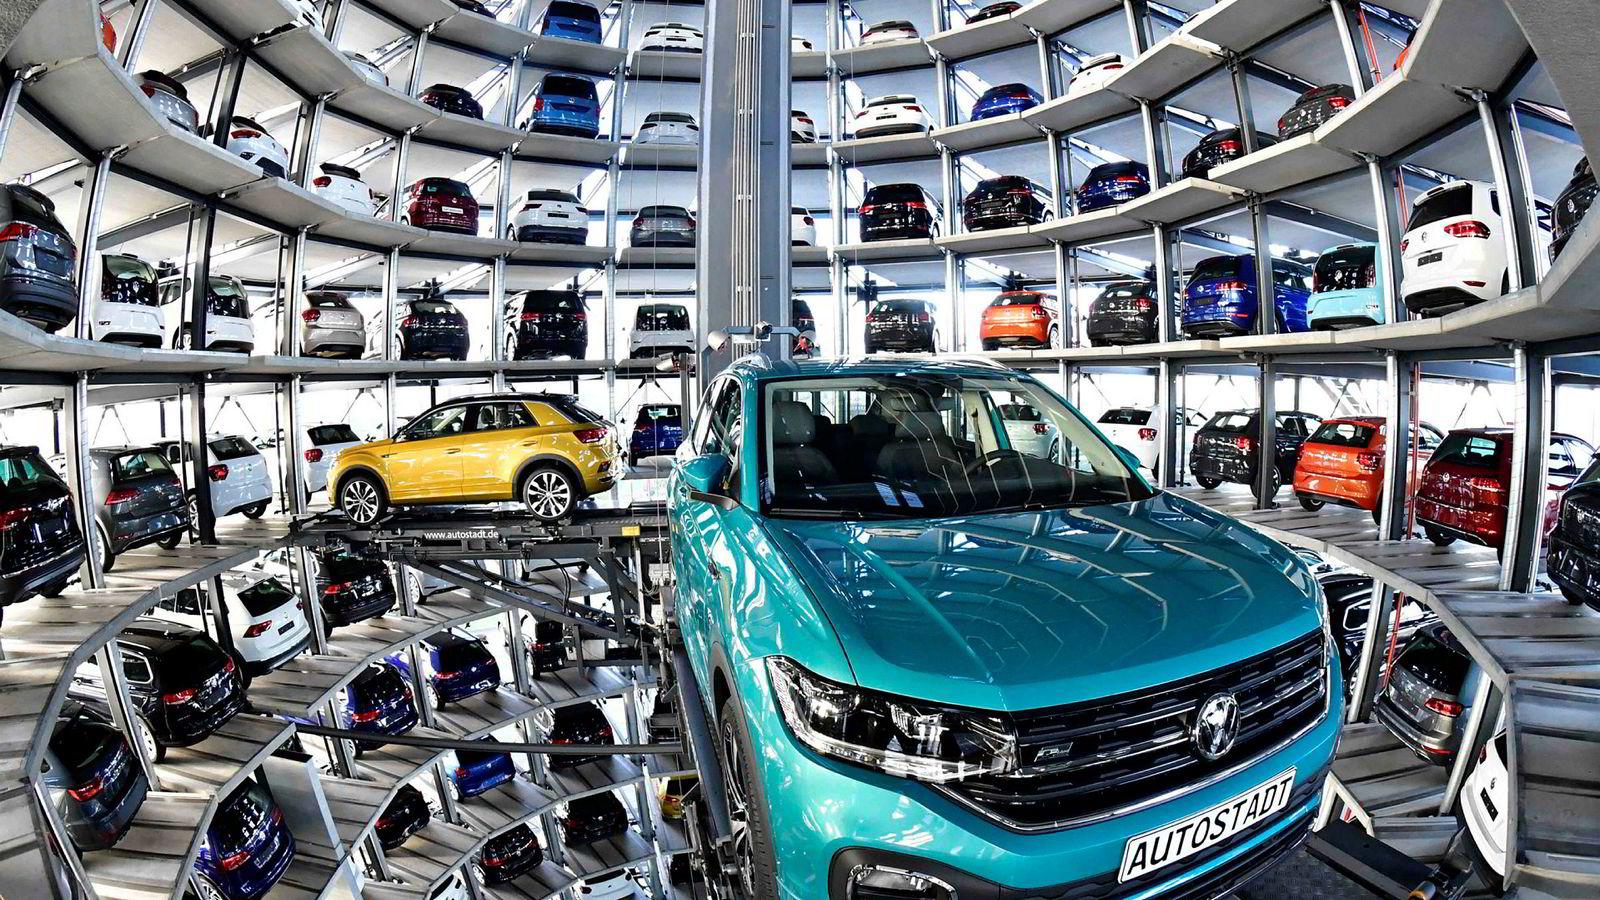 Volkswagen satser på å bli verdensleder i elbilproduksjon og er i ferd med å investere over tilsvarende 2500 milliarder kroner. På produksjonsanlegget i Wolfsburg står ferdige biler klare i et eget biltårn.